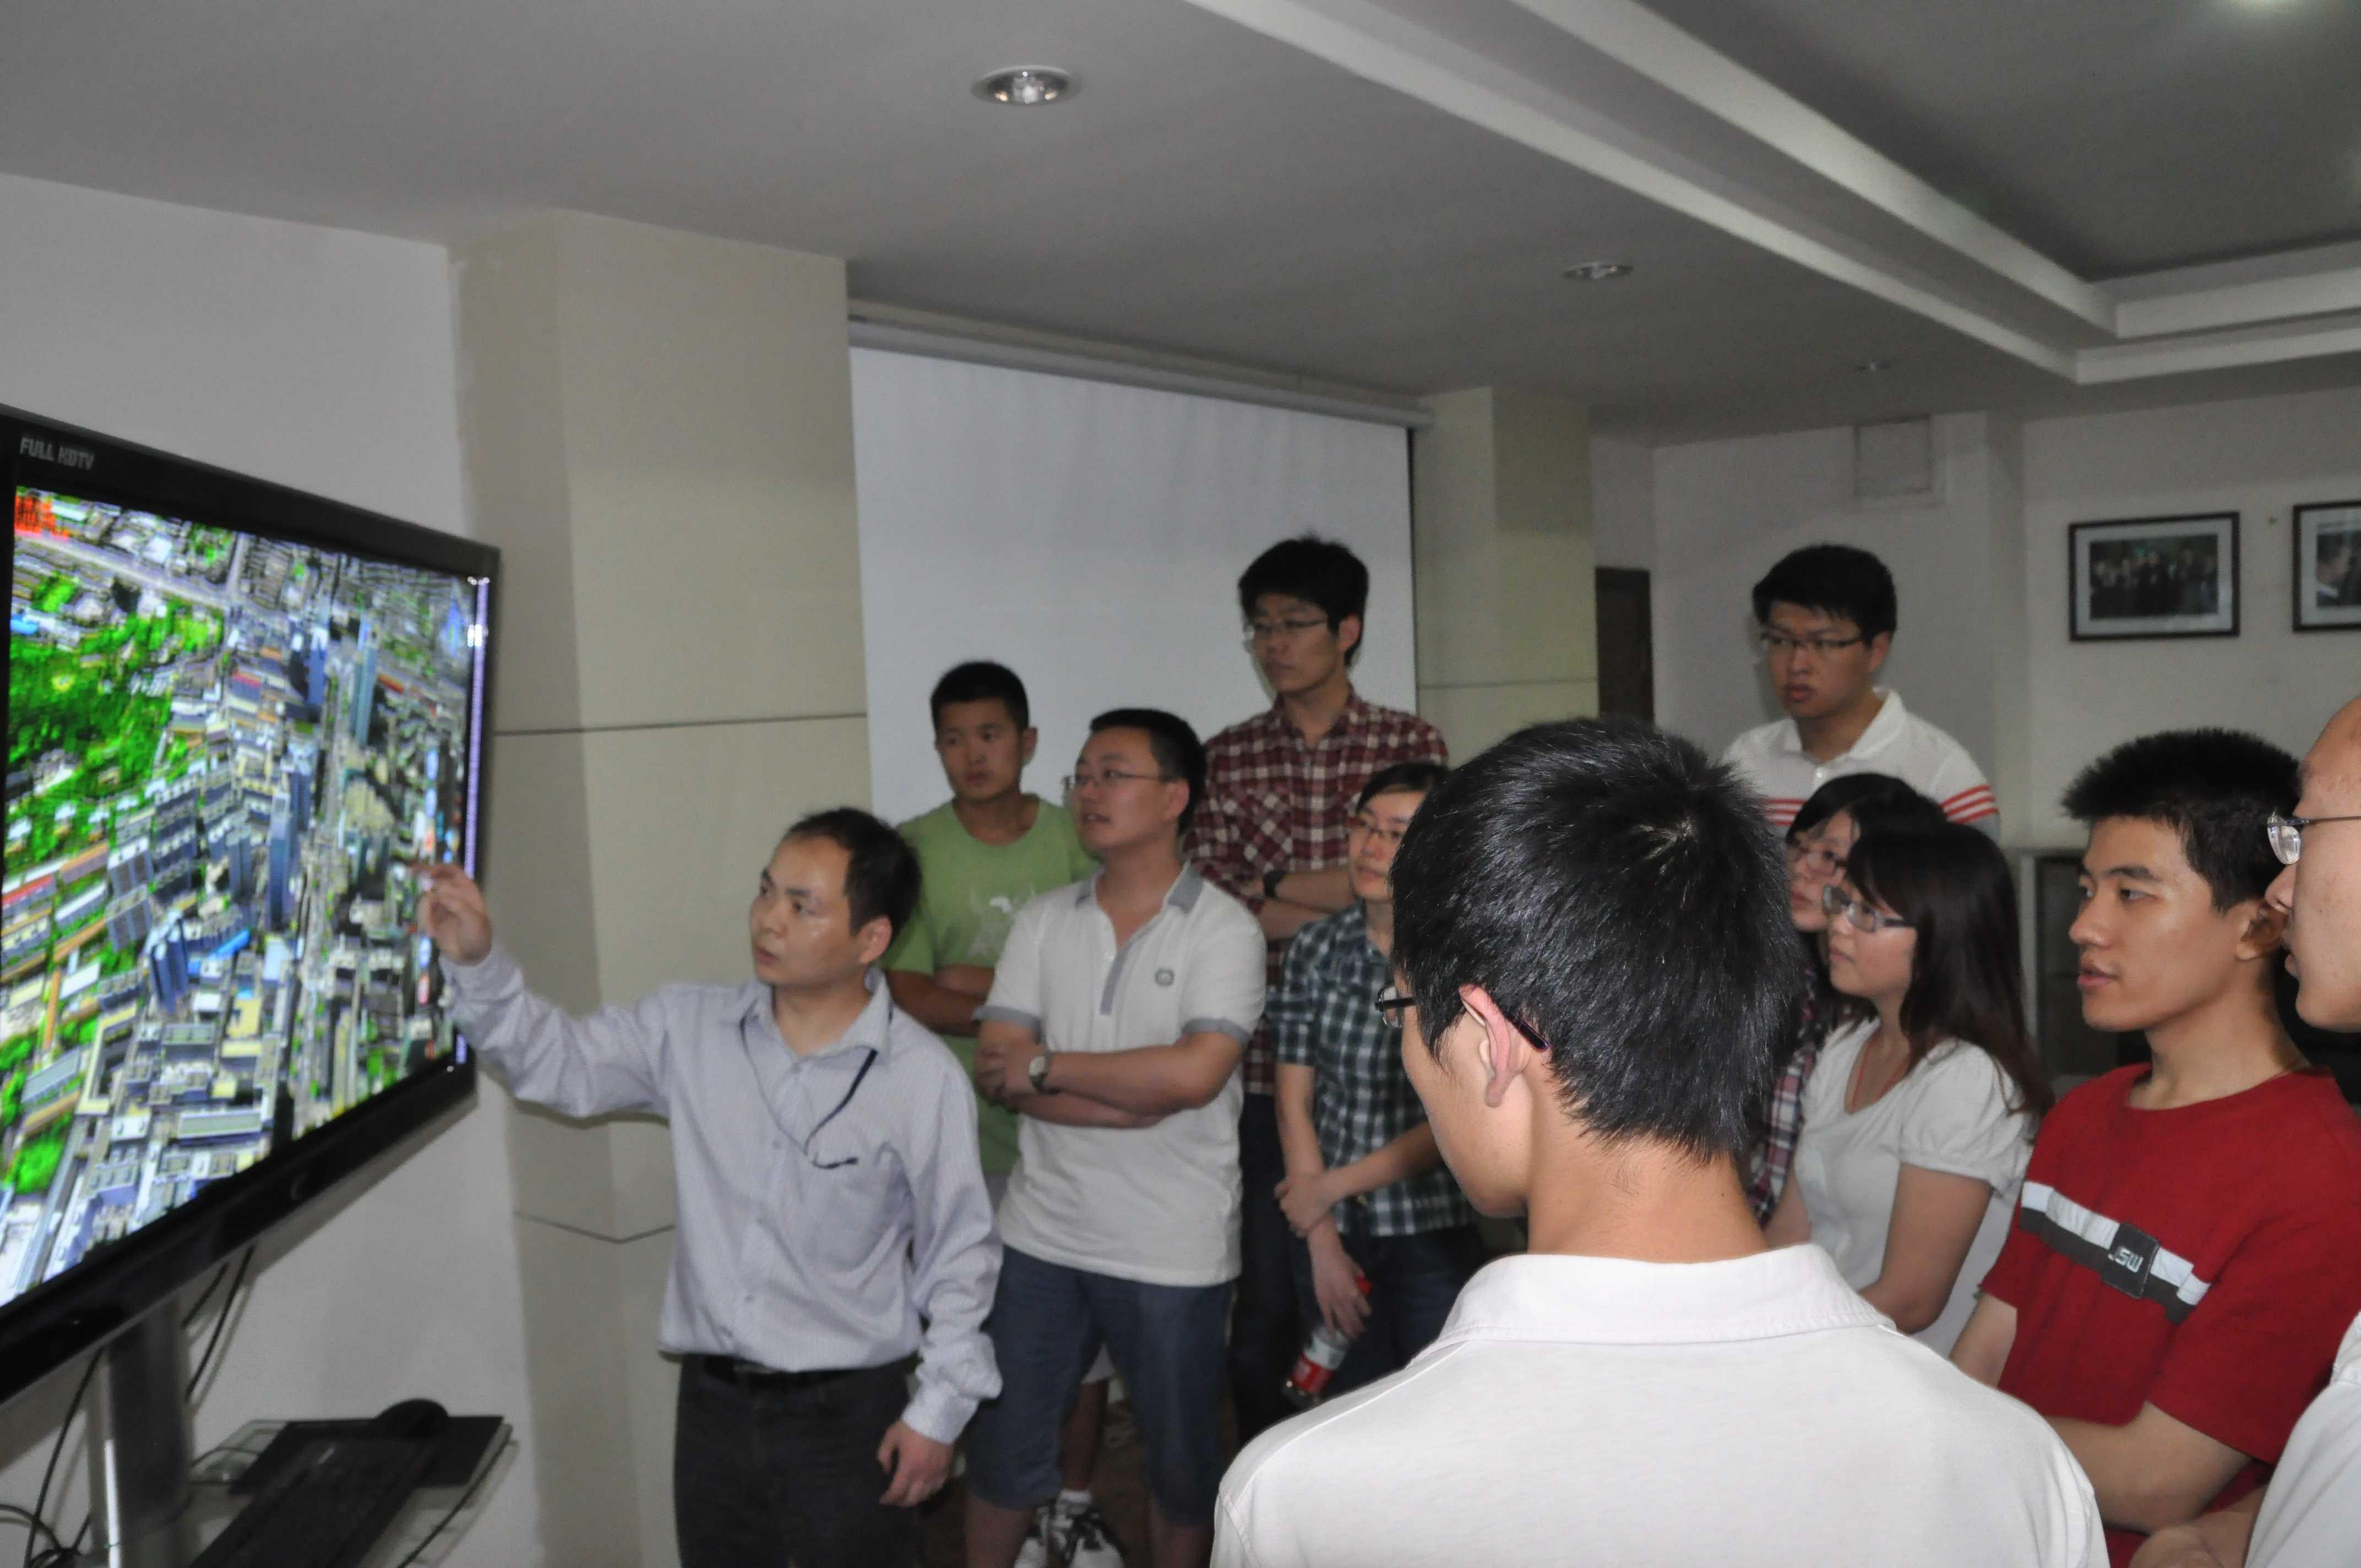 吉奧大學20120525遙感學生074